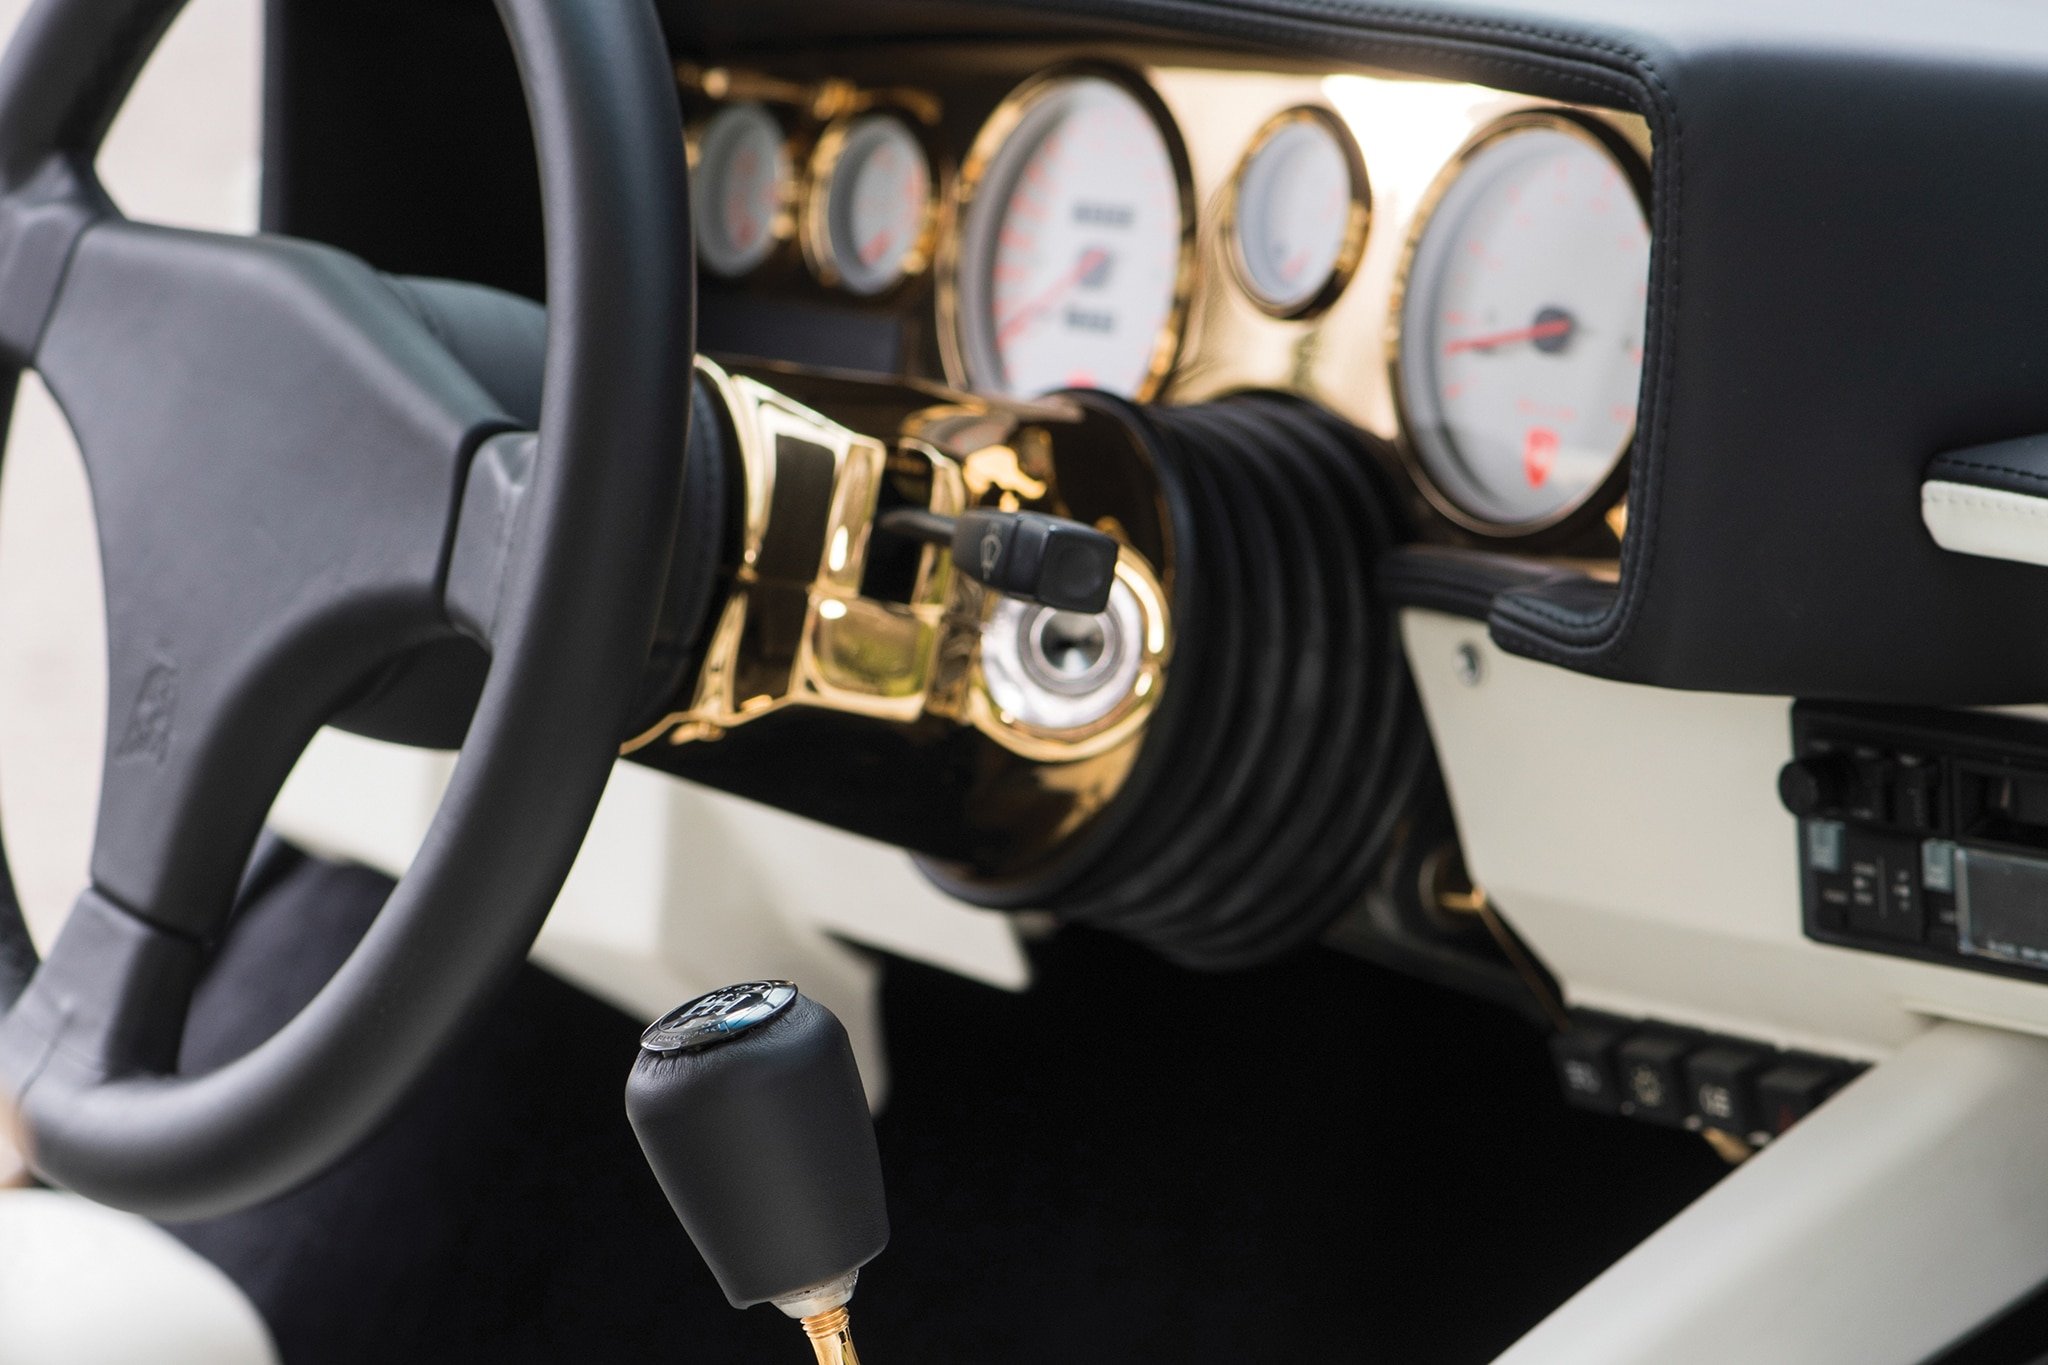 1987-Lamborghini-Countach-5000-QV-RM-Sothebys-Gold-Dash Extraordinary Lamborghini Countach 5000 Quattrovalvole Specs Cars Trend